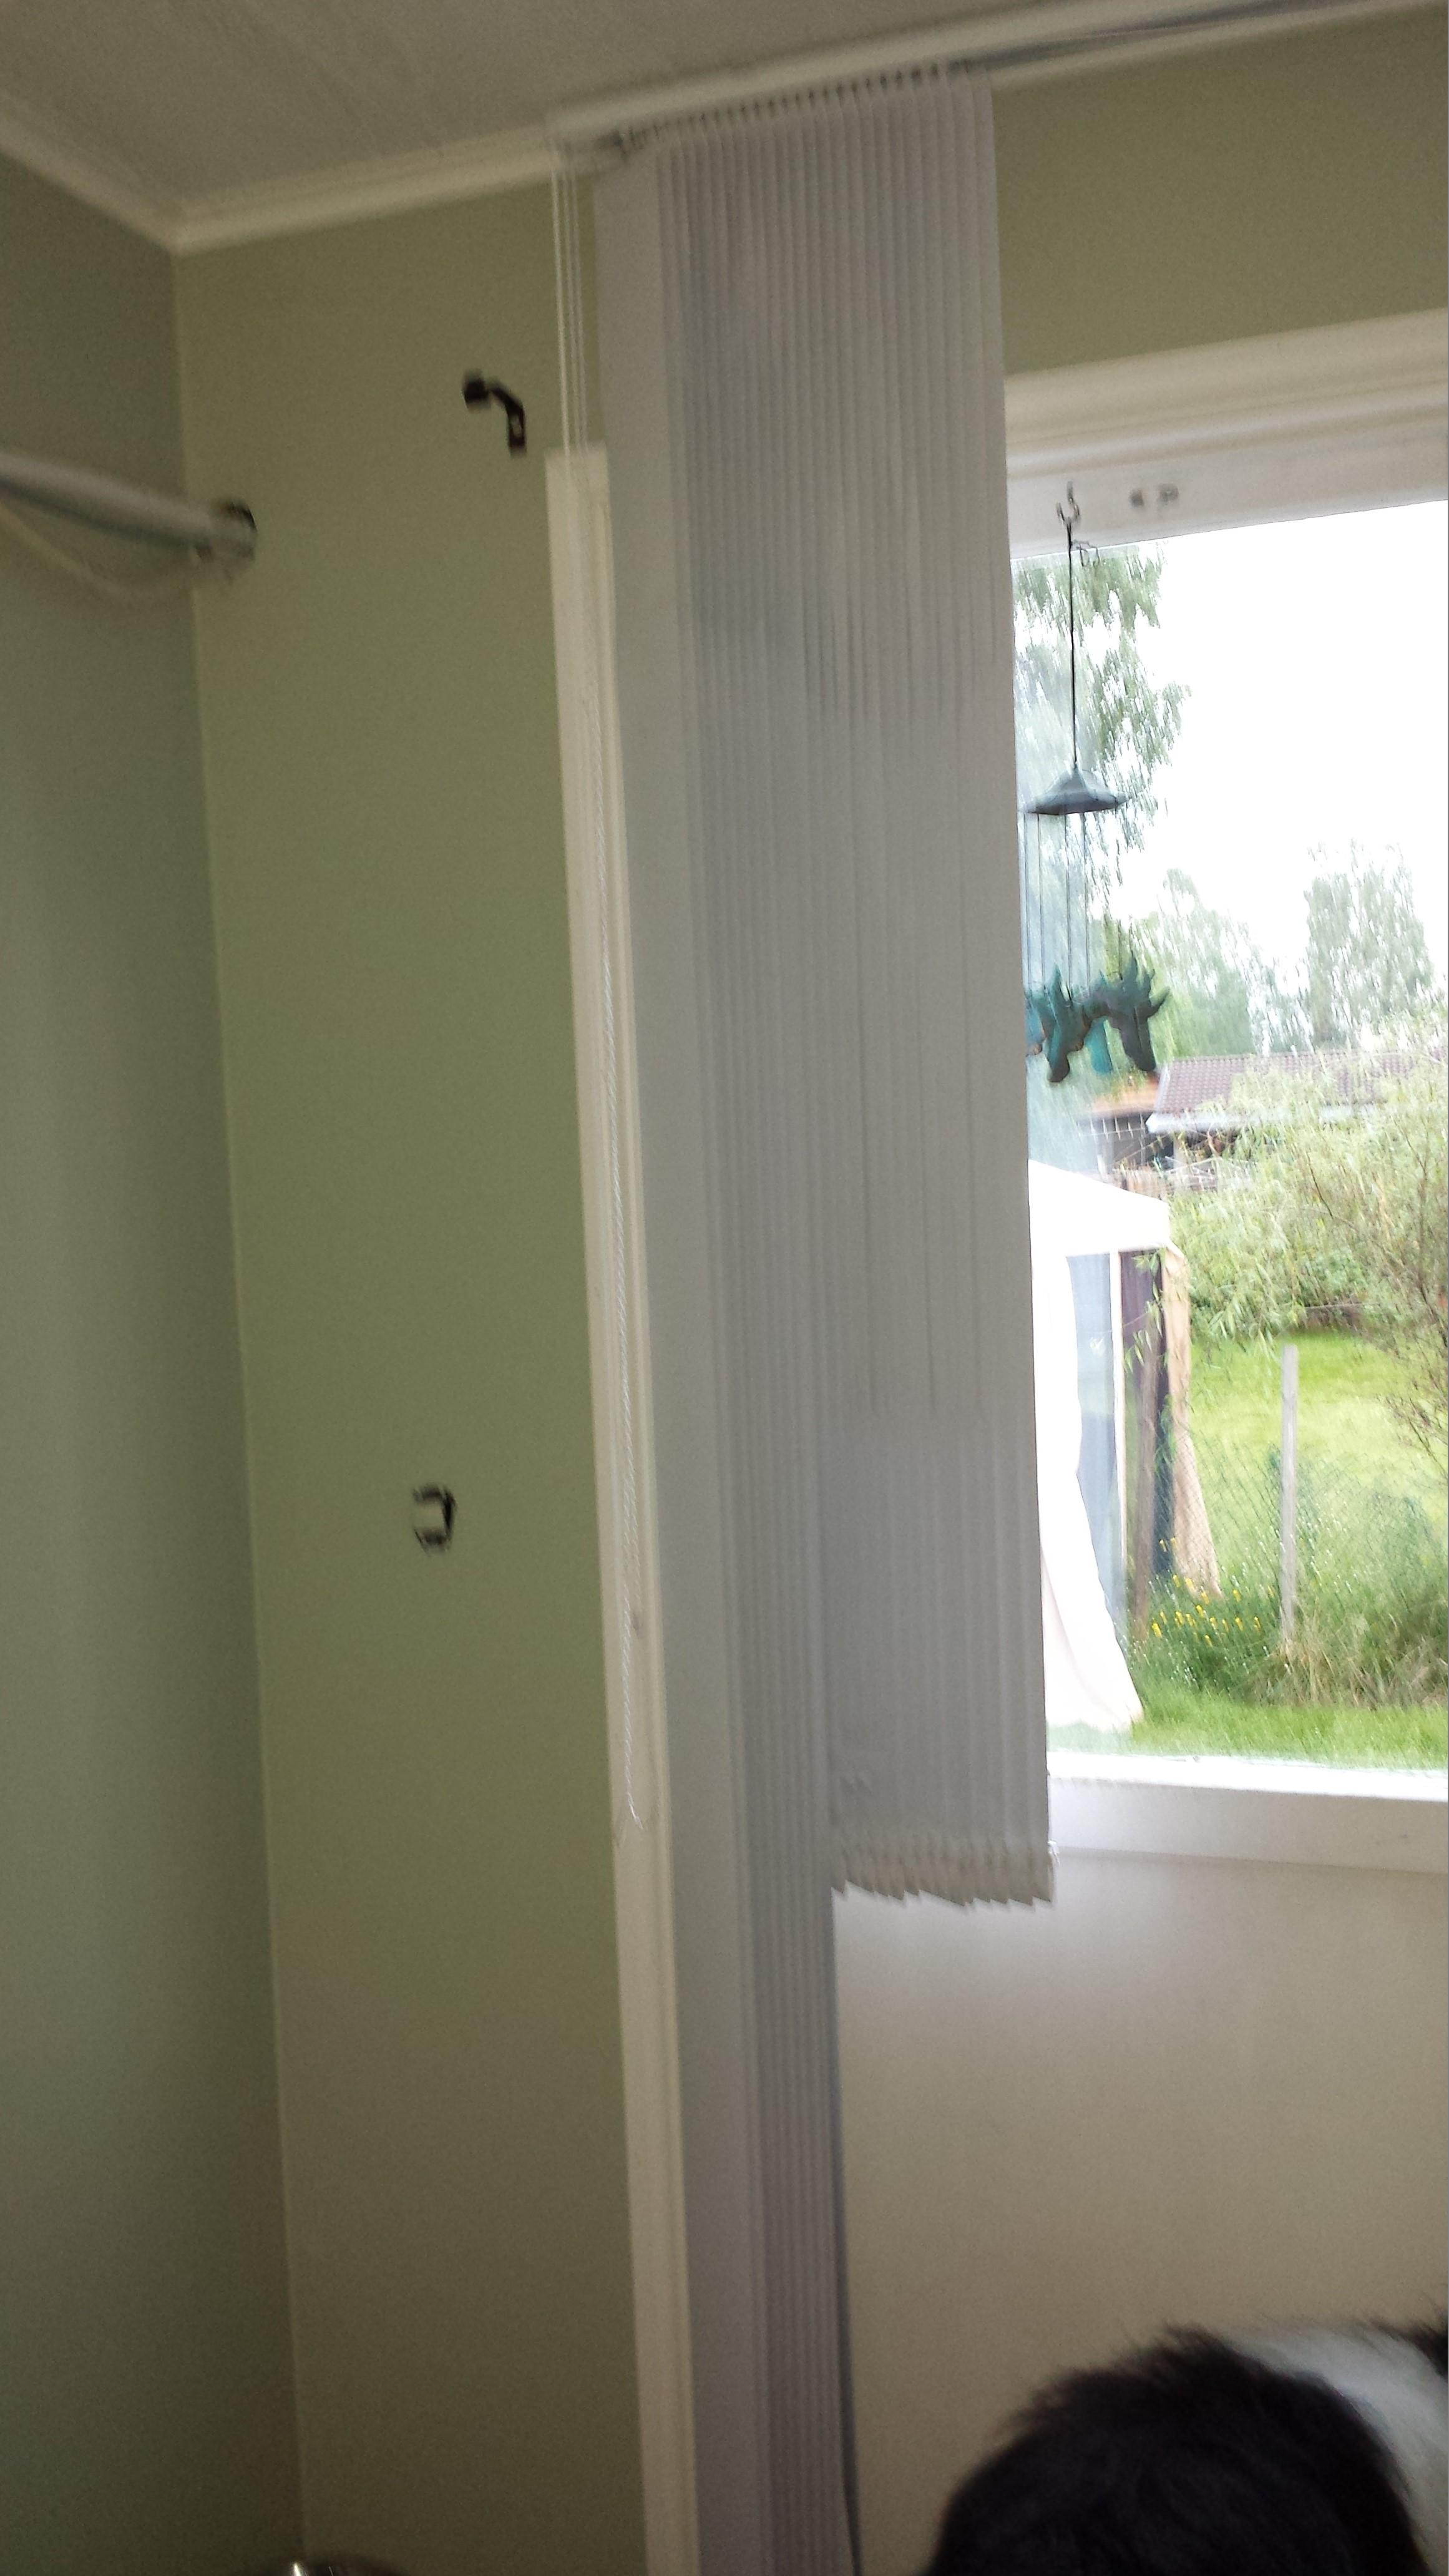 Special på lamellgardinen då den går både över en dörr och ett fönster